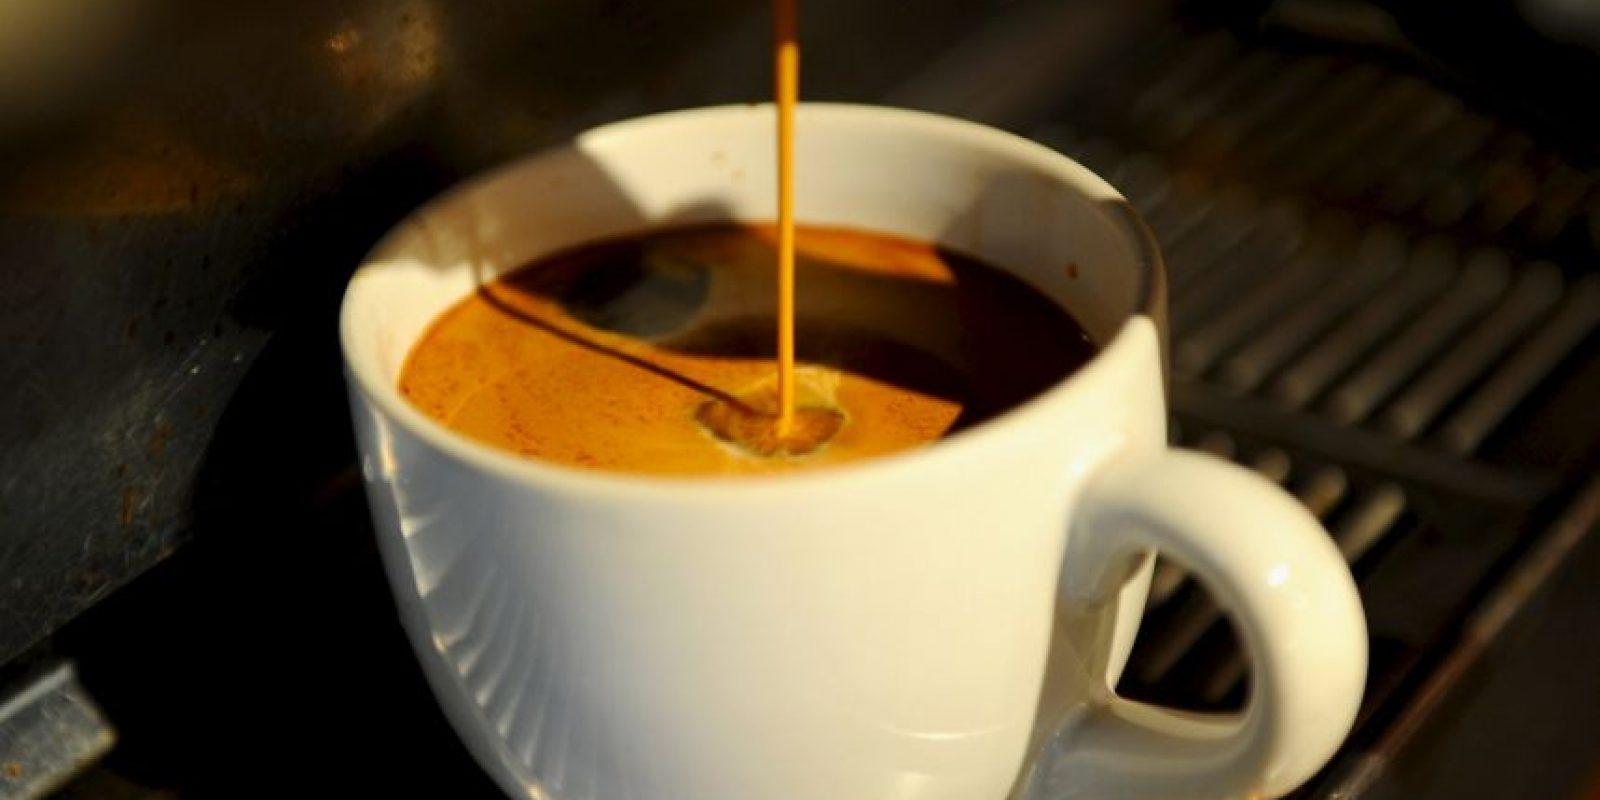 Los niveles de cortisol se elevan a las 09:00, por lo que se recomienda consumir café después de esta hora. Foto:Getty Images